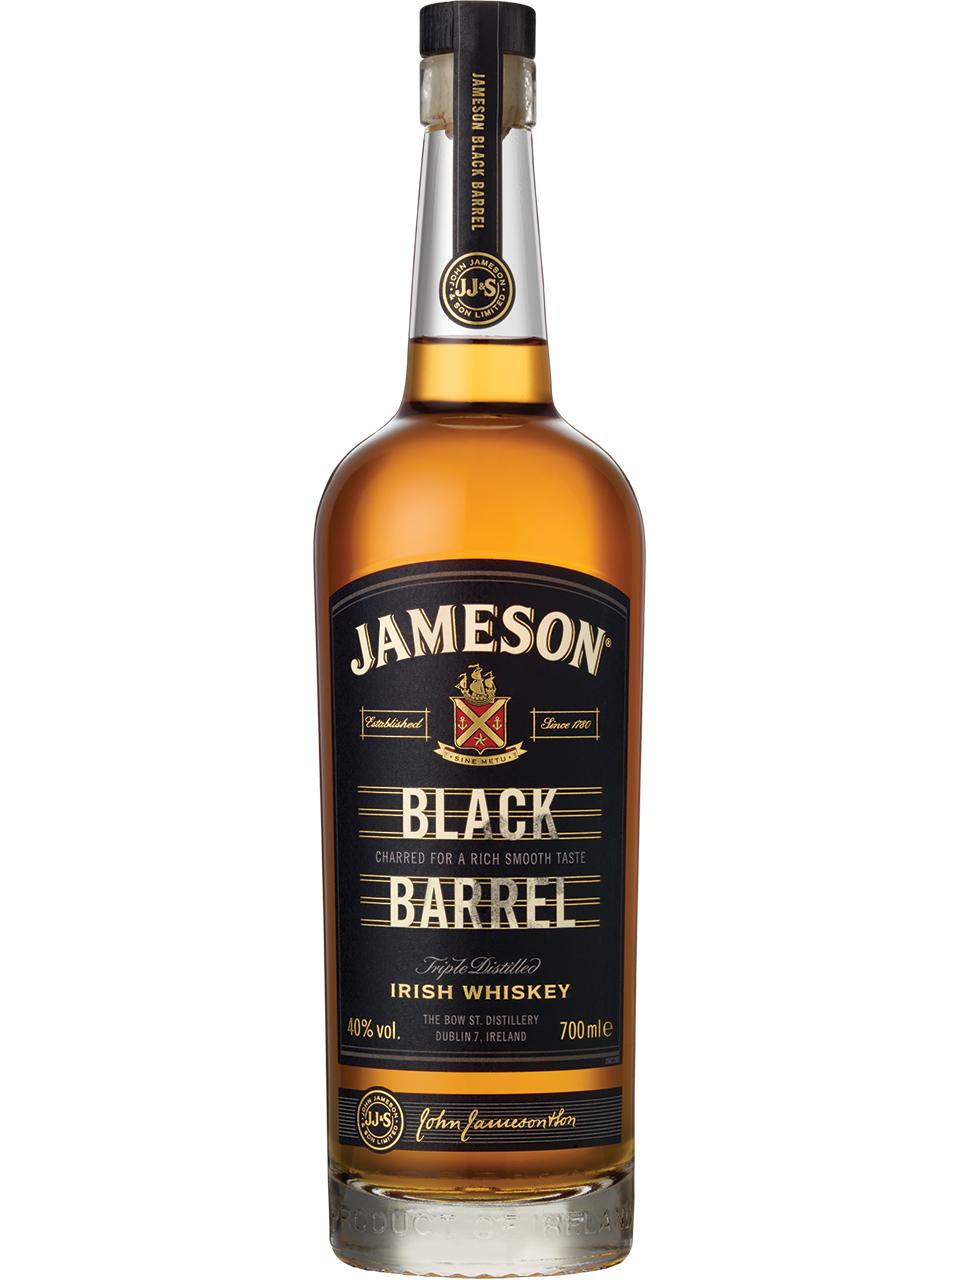 Jameson Black Barrel Irish Whiskey